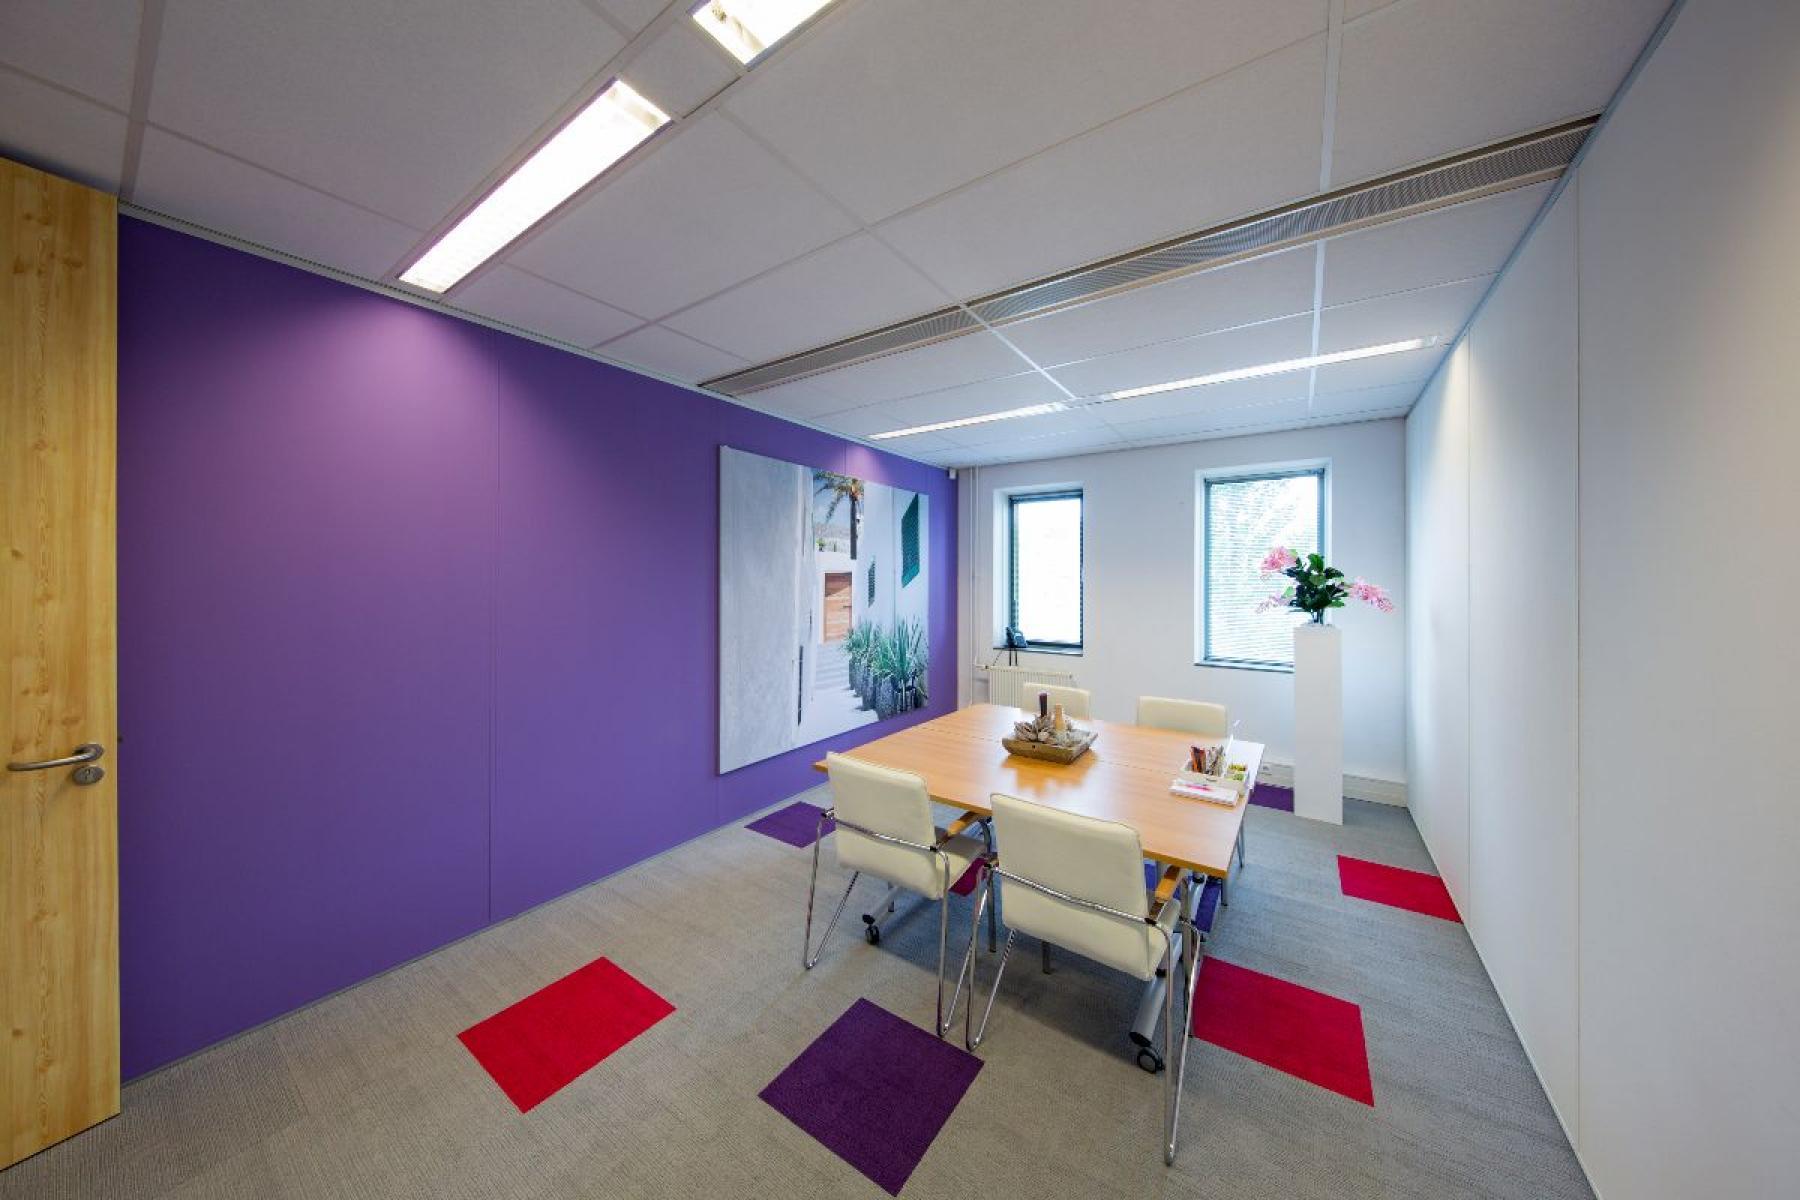 kantoorkamer kantoorruimte werkplek kantoorgebouw Haarlem